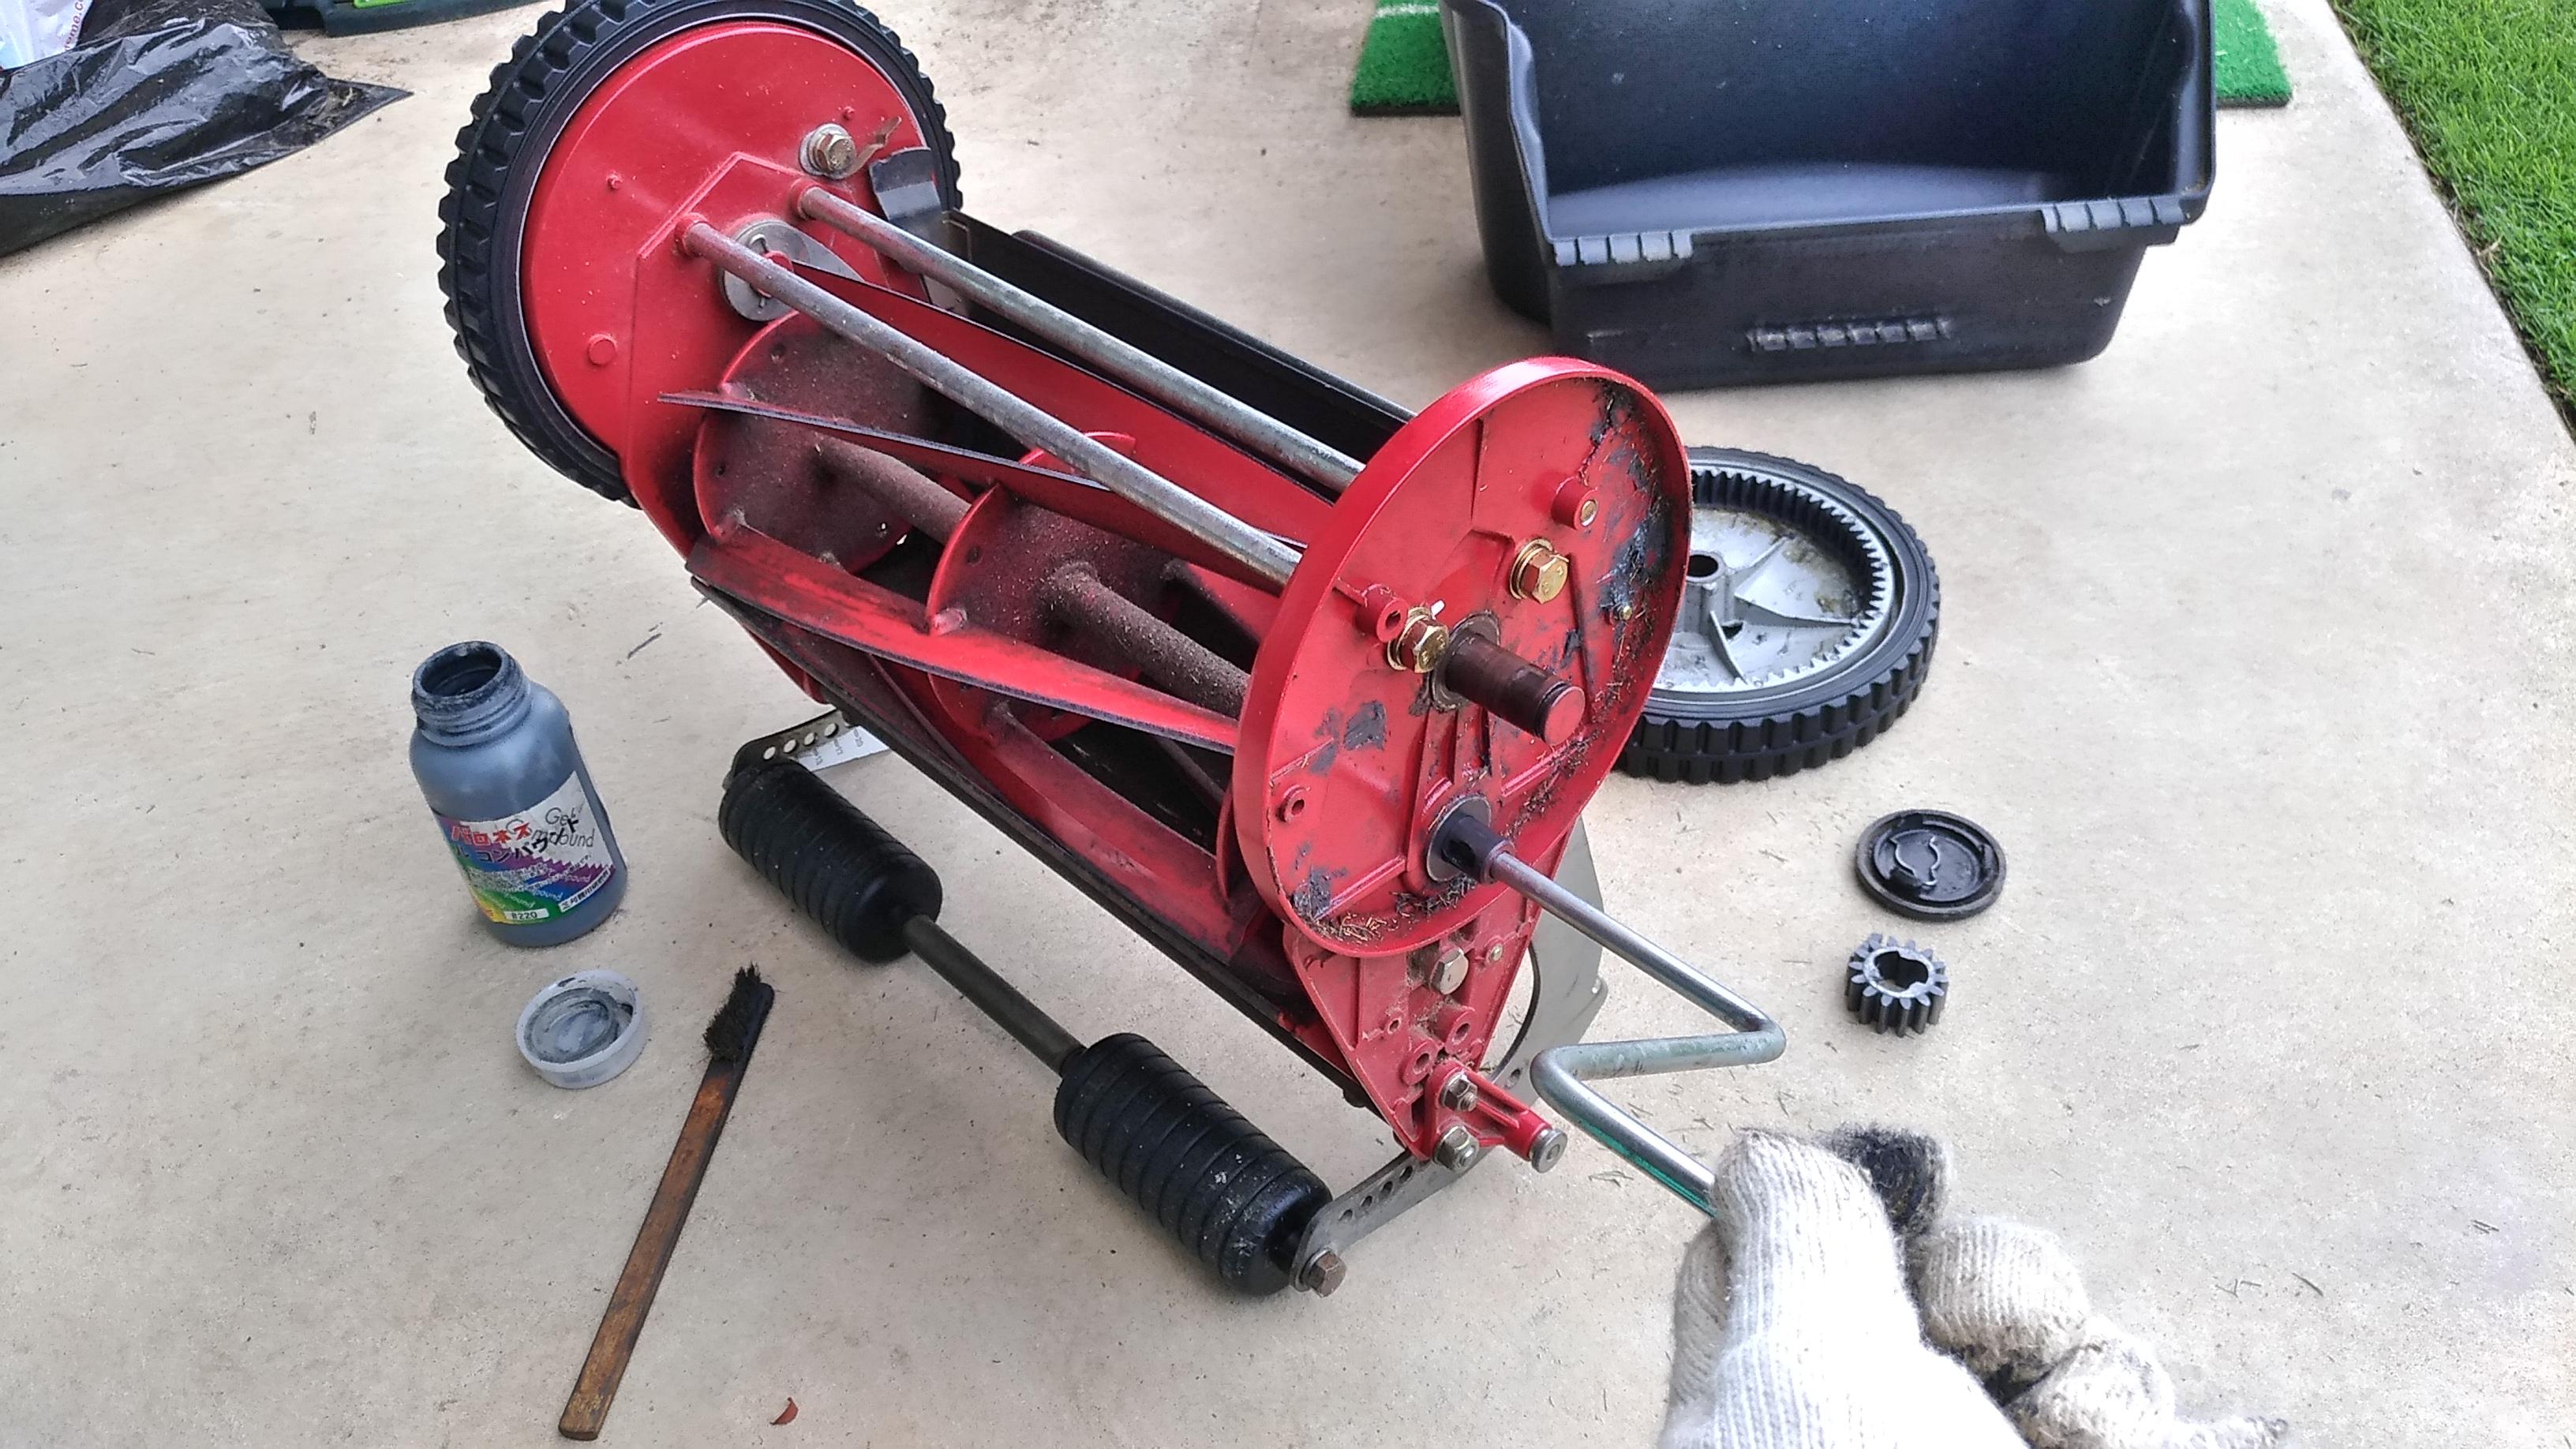 【レビュー】芝刈り機の簡易研磨の方法 バロネスLM4D😄✨